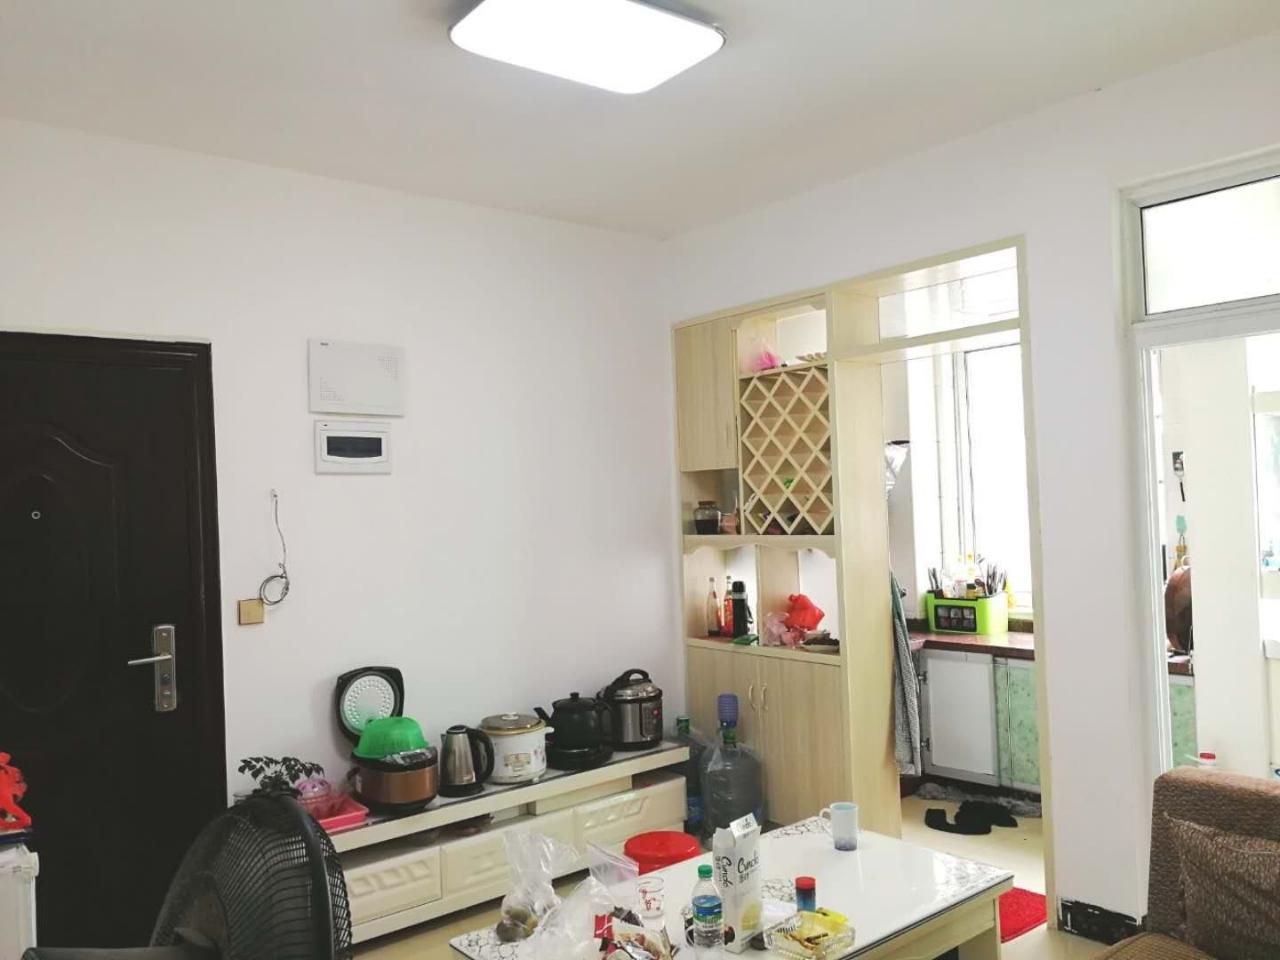 特價好房!金塘花苑2室 1廳 帶裝修只賣23萬!